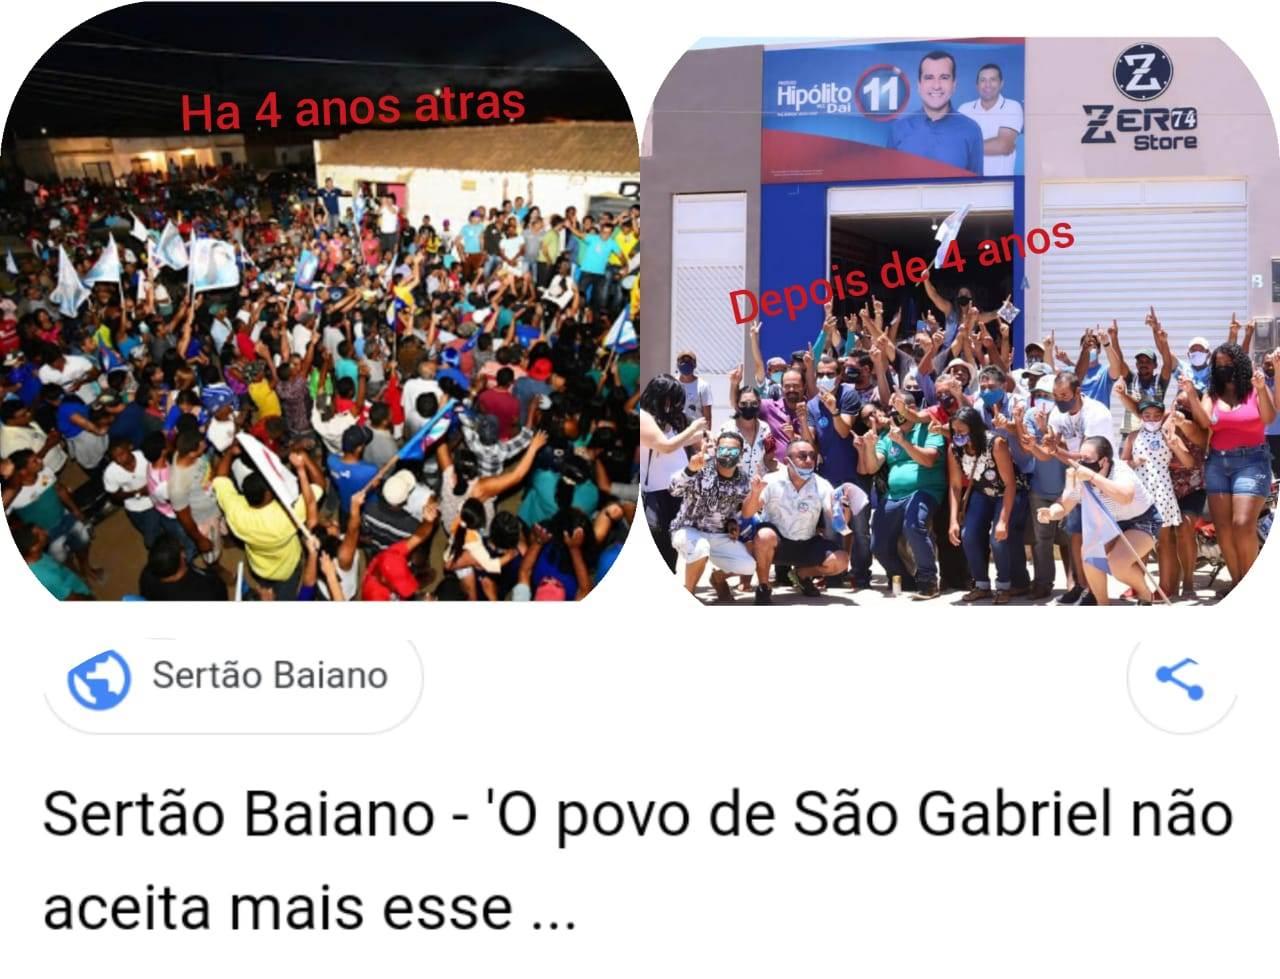 Serto-Baiano-alvo-de-montagem-em-So-Gabriel